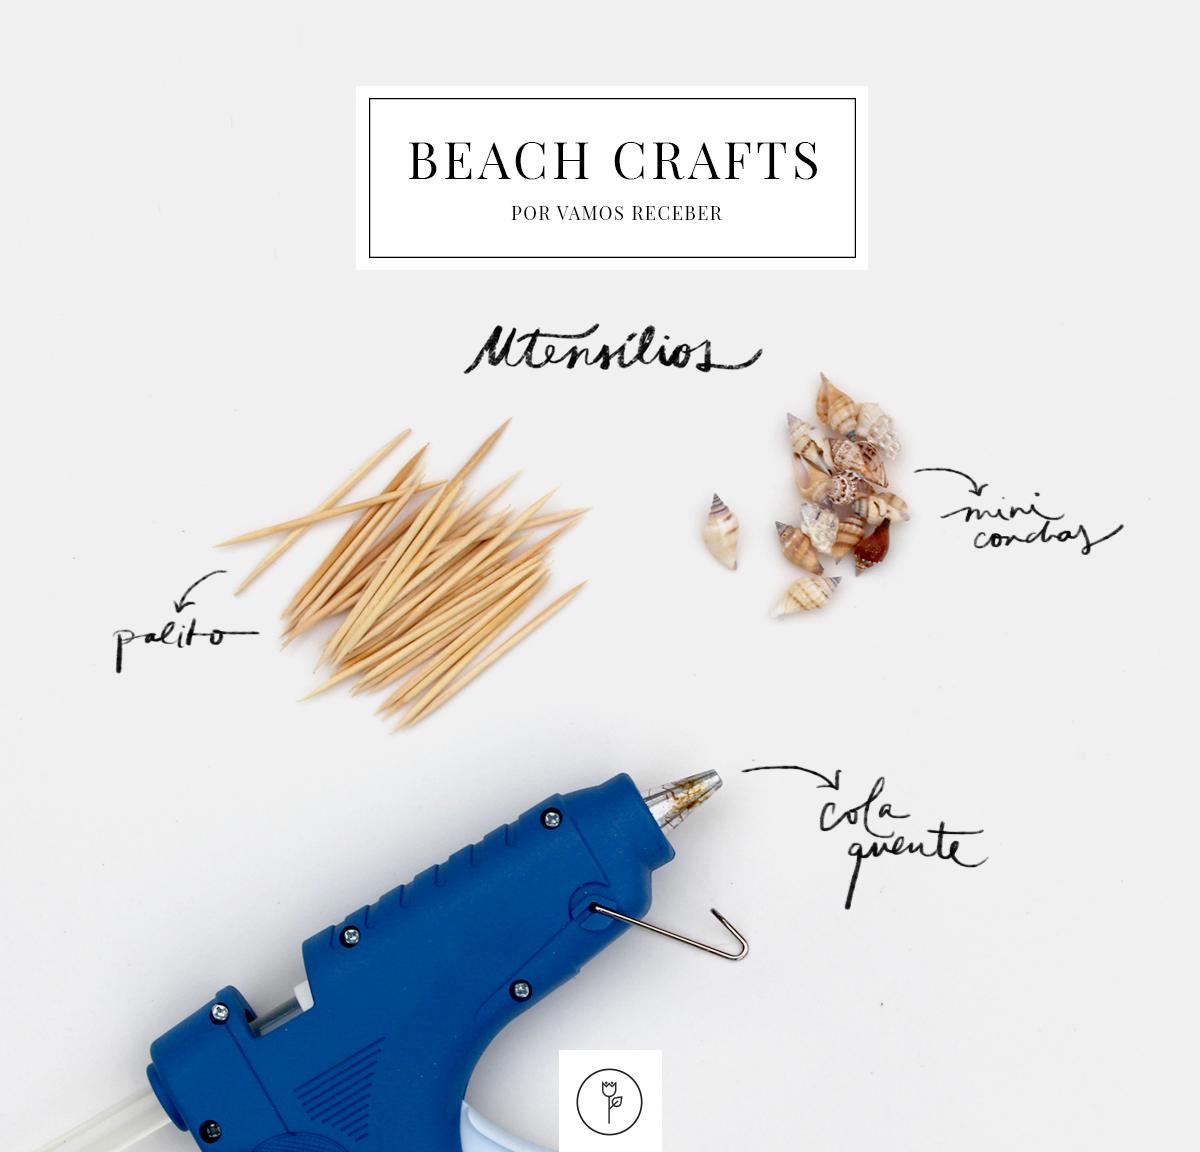 beach crafts utensilios